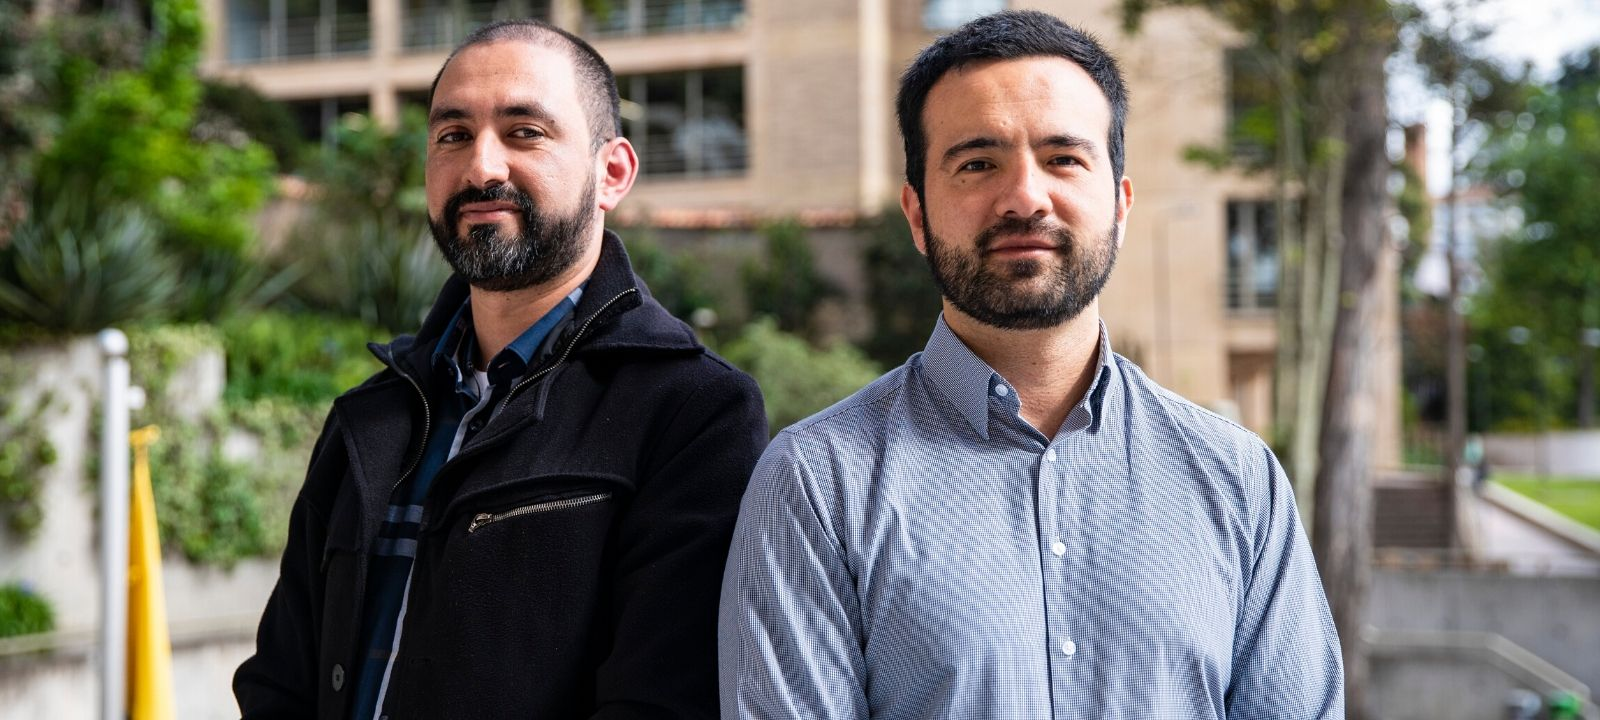 Manuel Camargo y Oscar González, investigadores del Departamento de Ingeniería de Sistemas y Computación